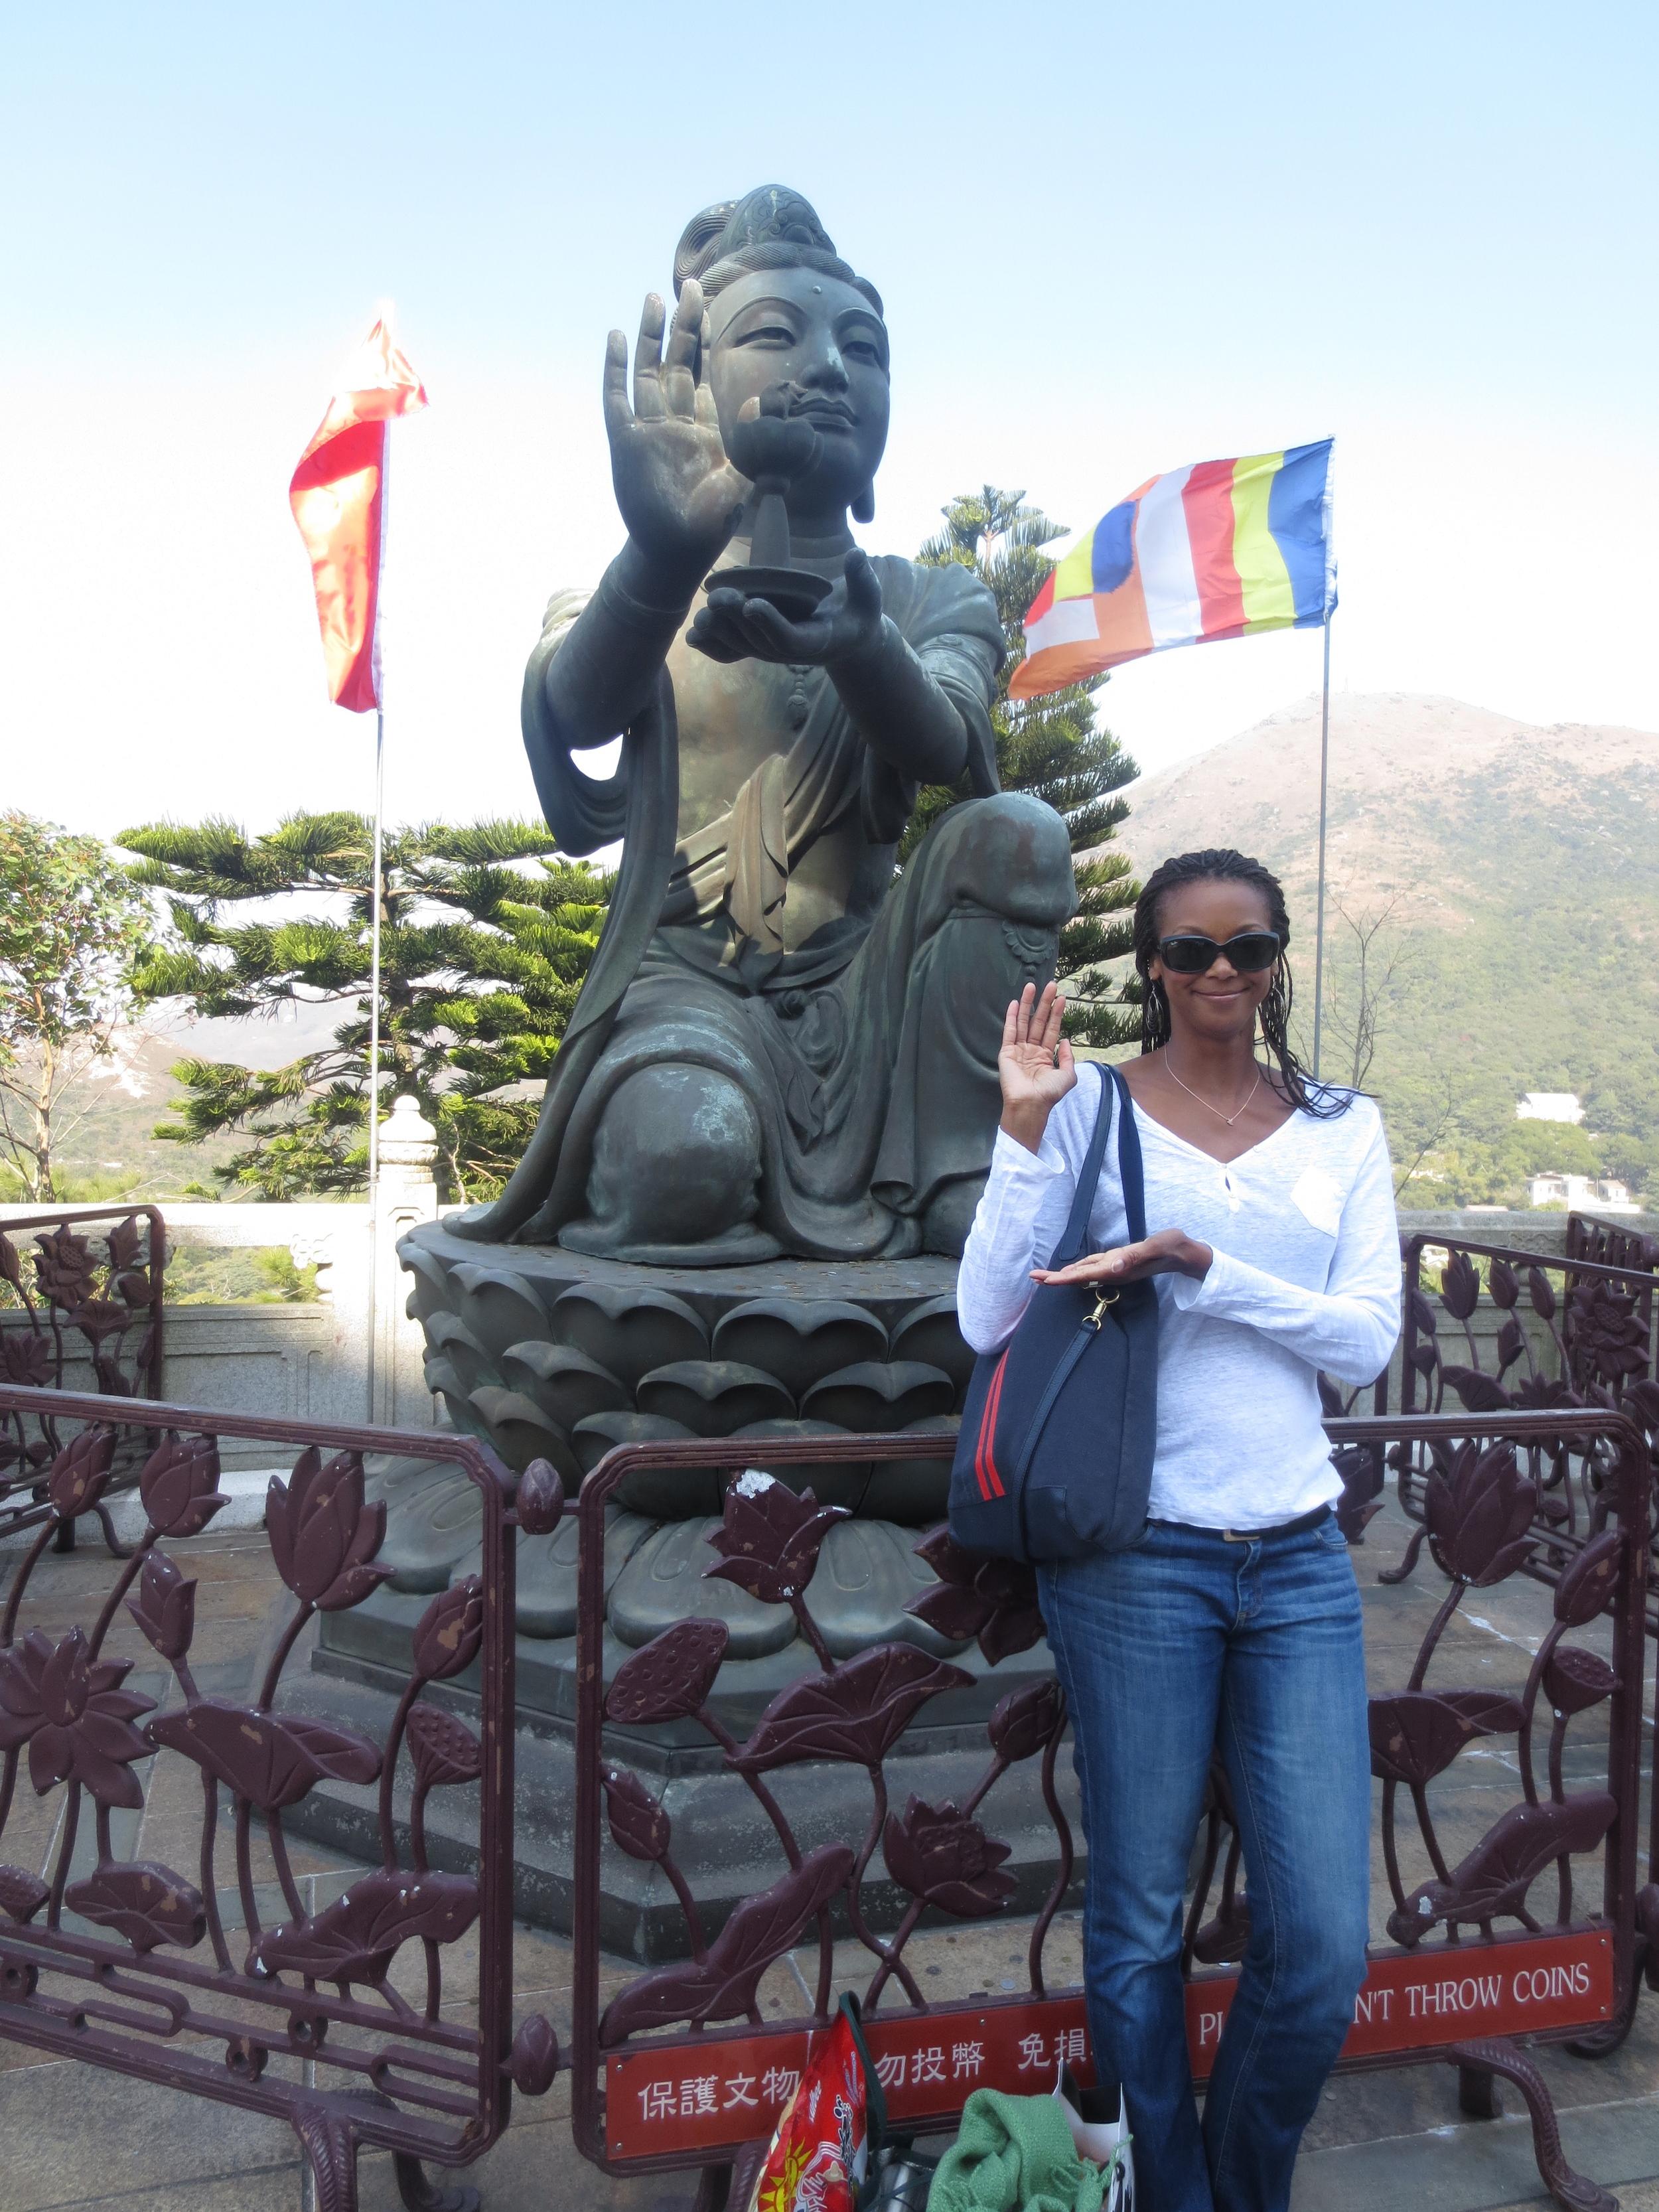 At the Big Buddha in Hong Kong.